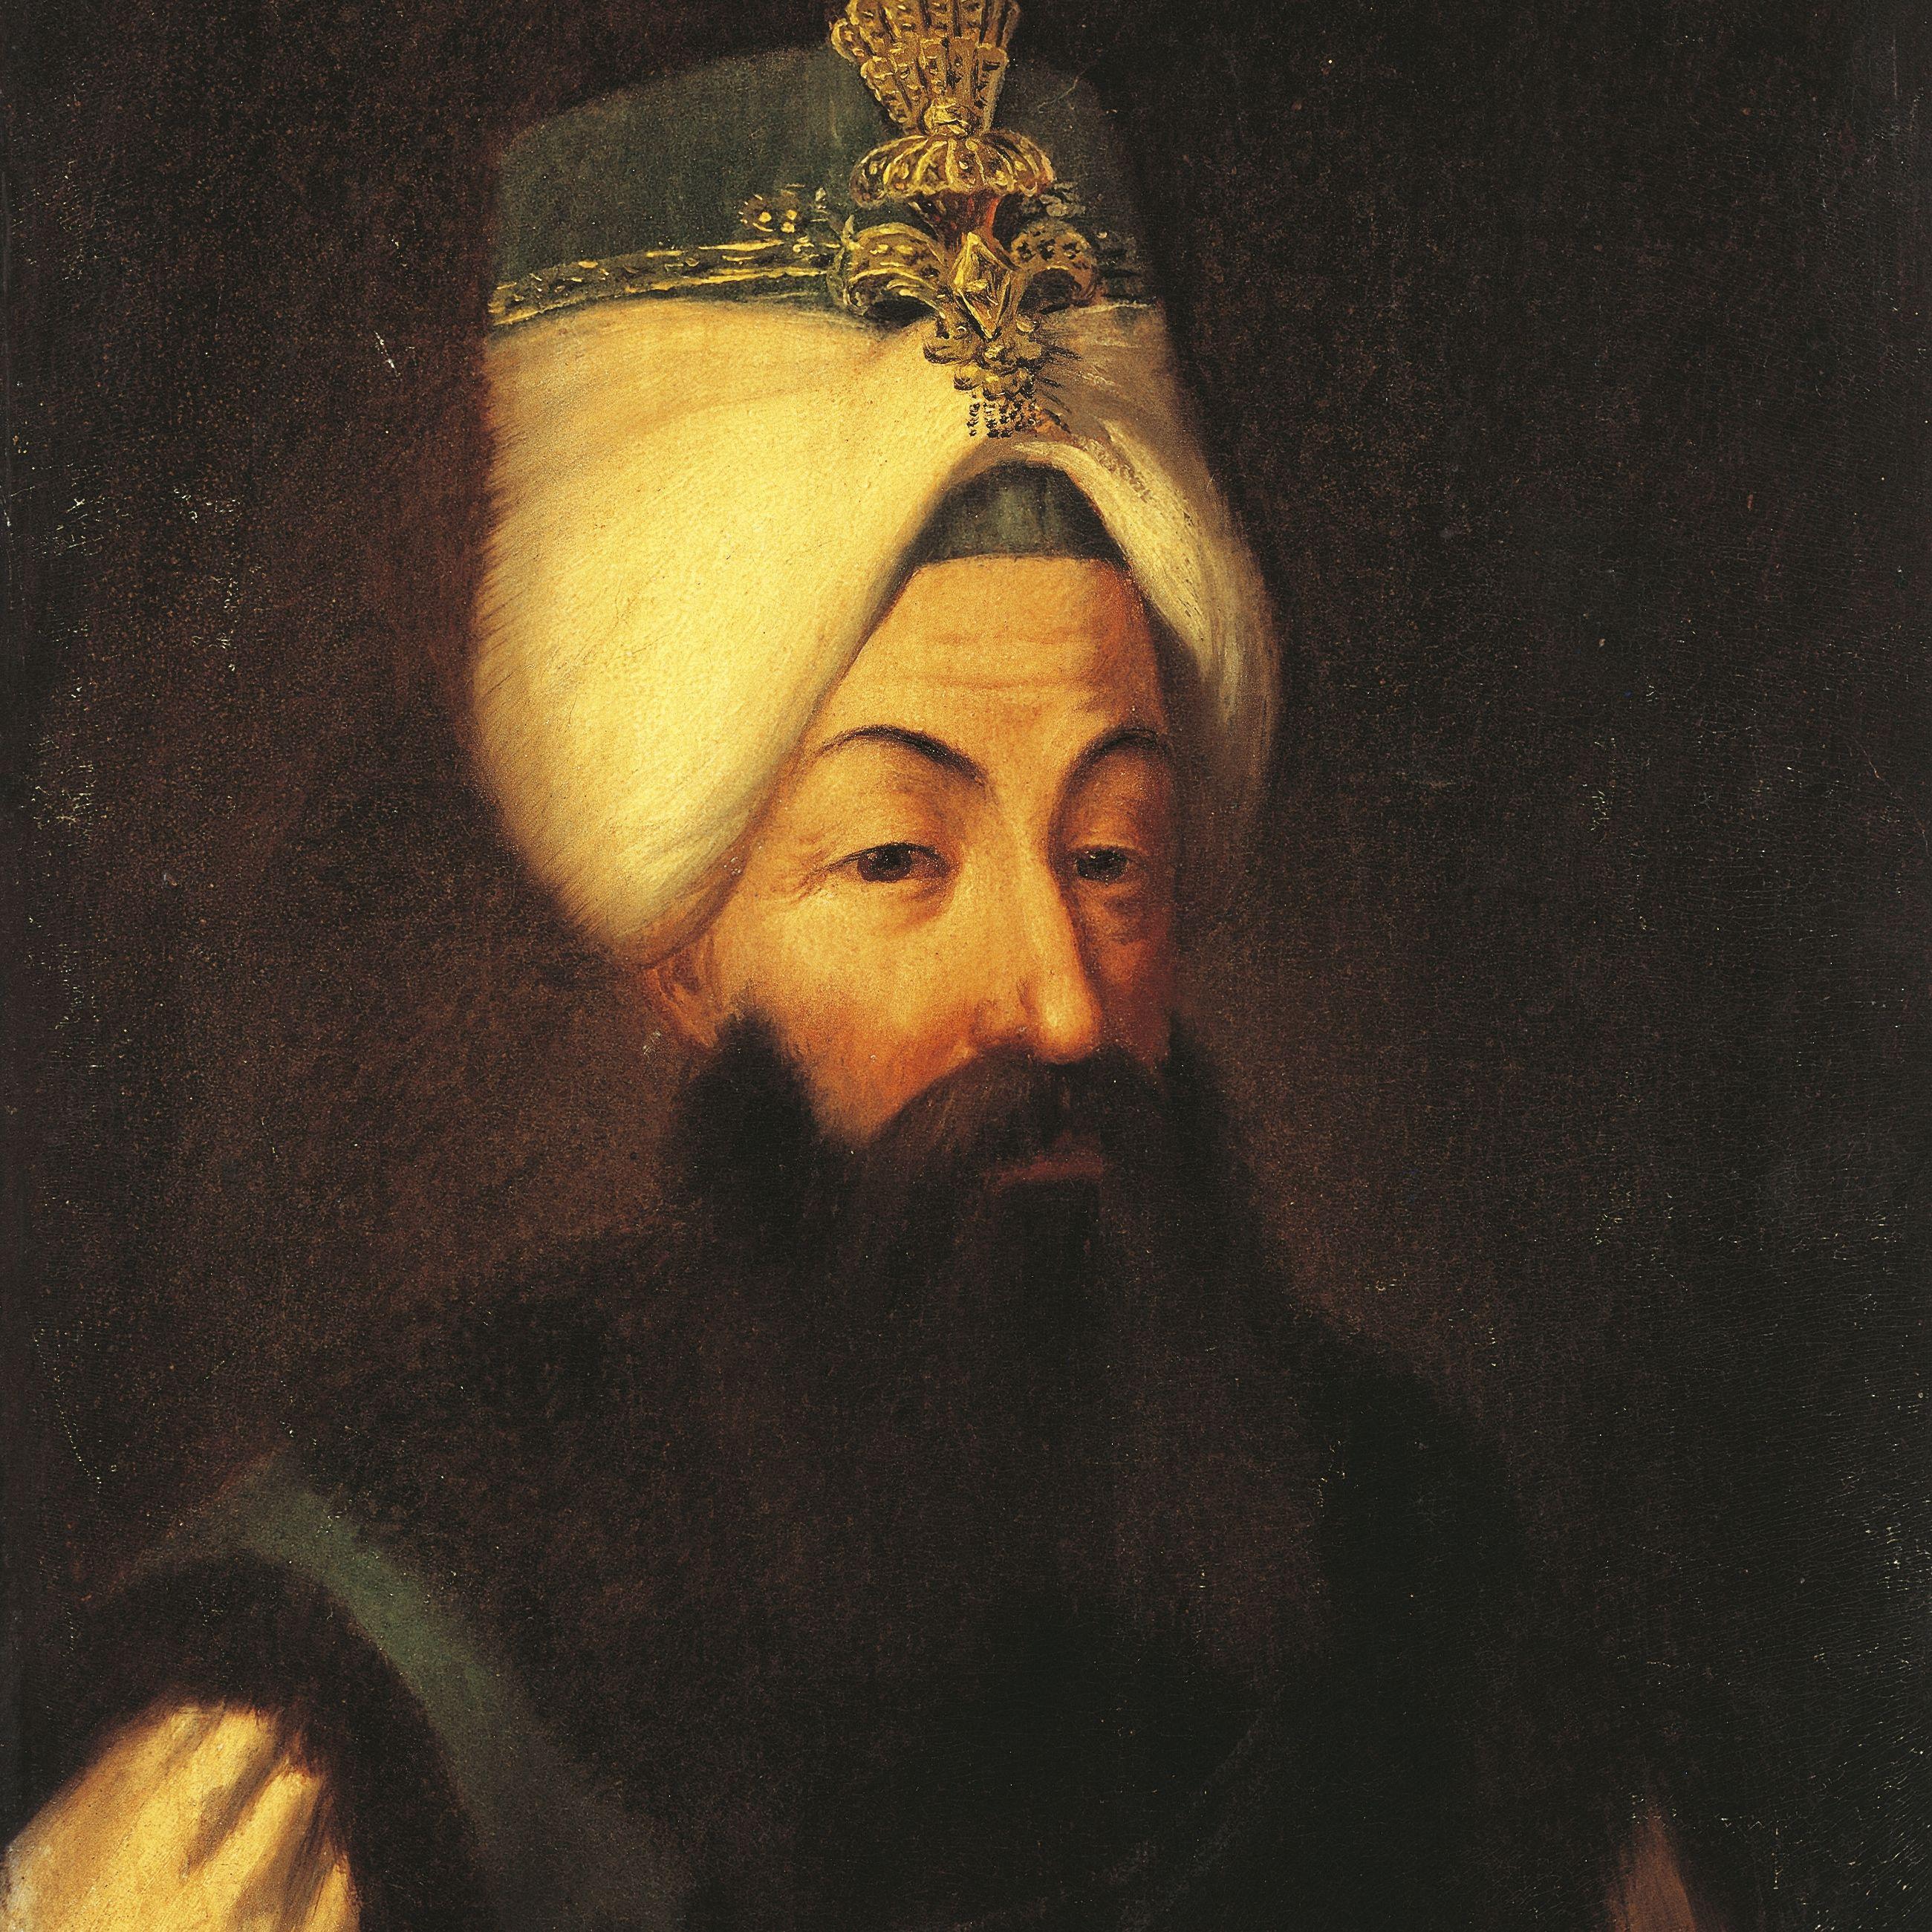 Portrait of Abdul Hamid I, Sultan of the Ottoman Empire